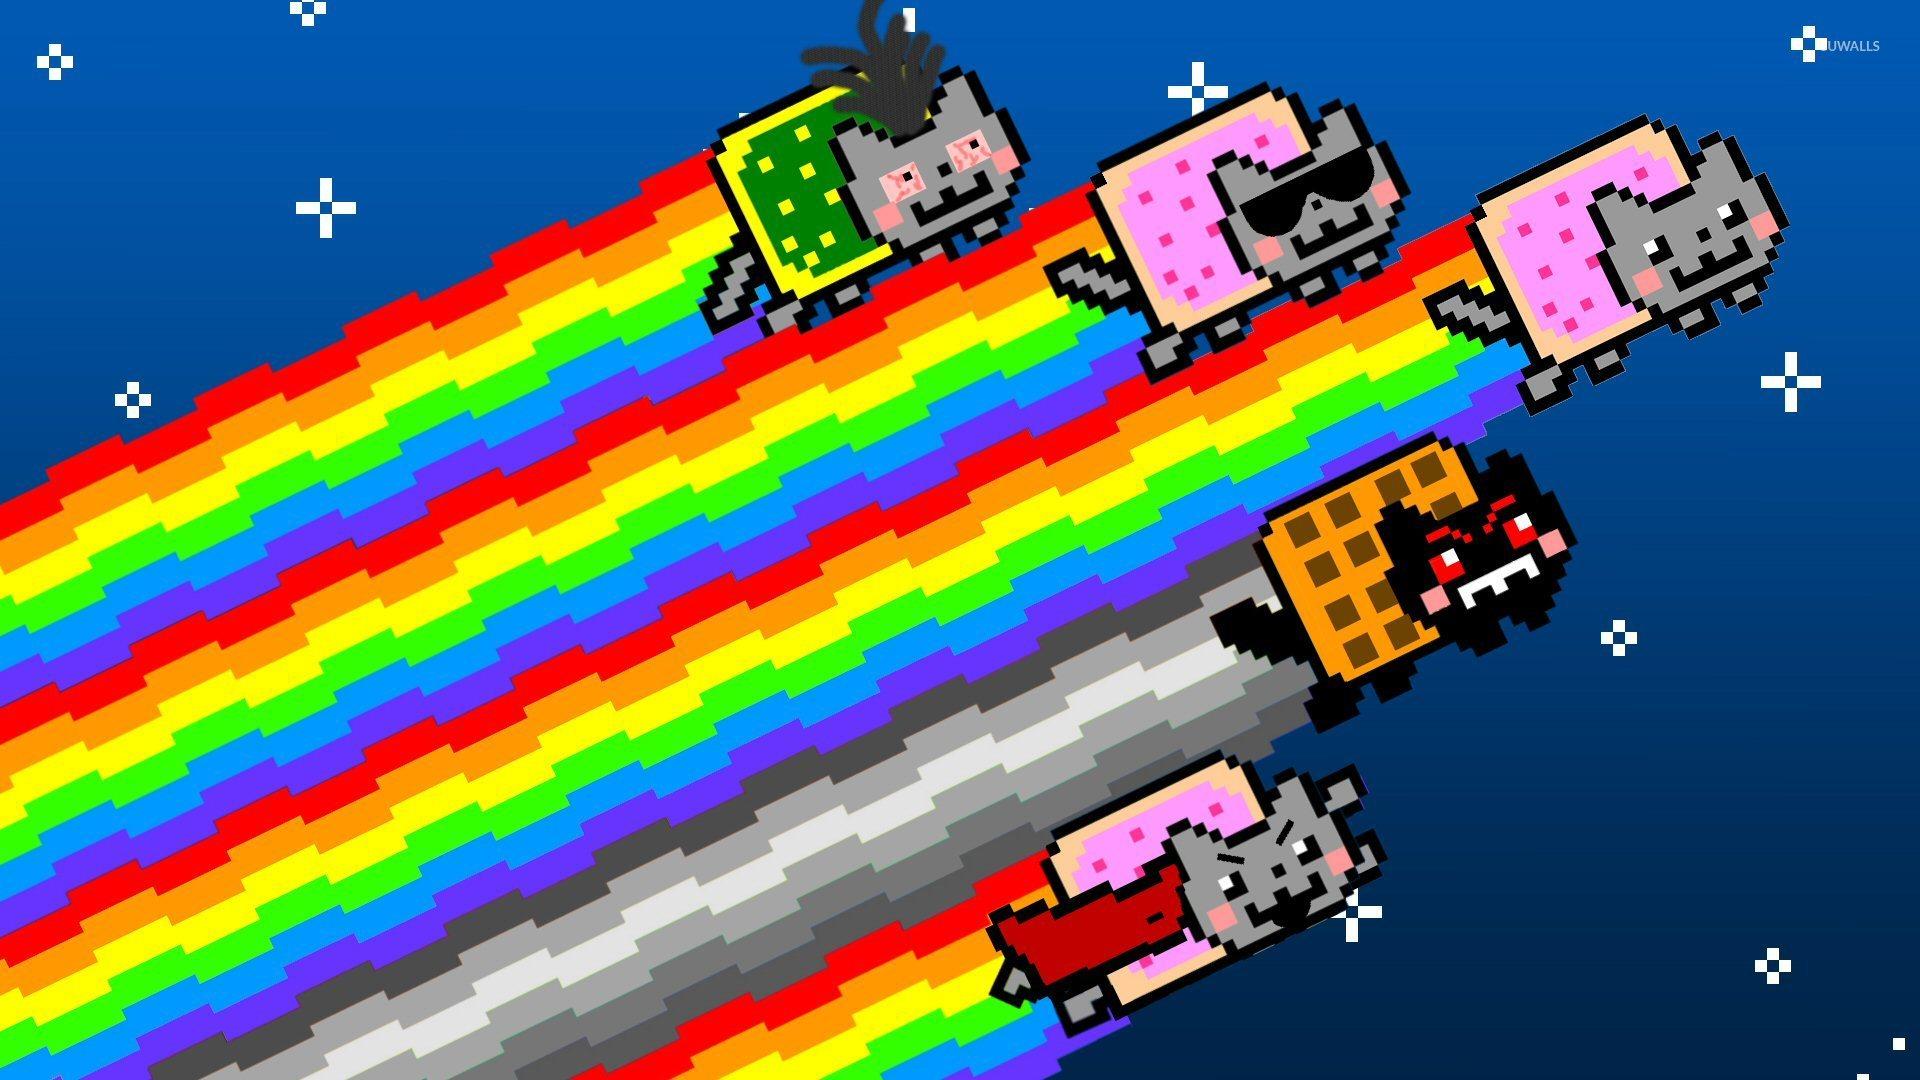 Nyan Cat Pics, Cartoon Collection